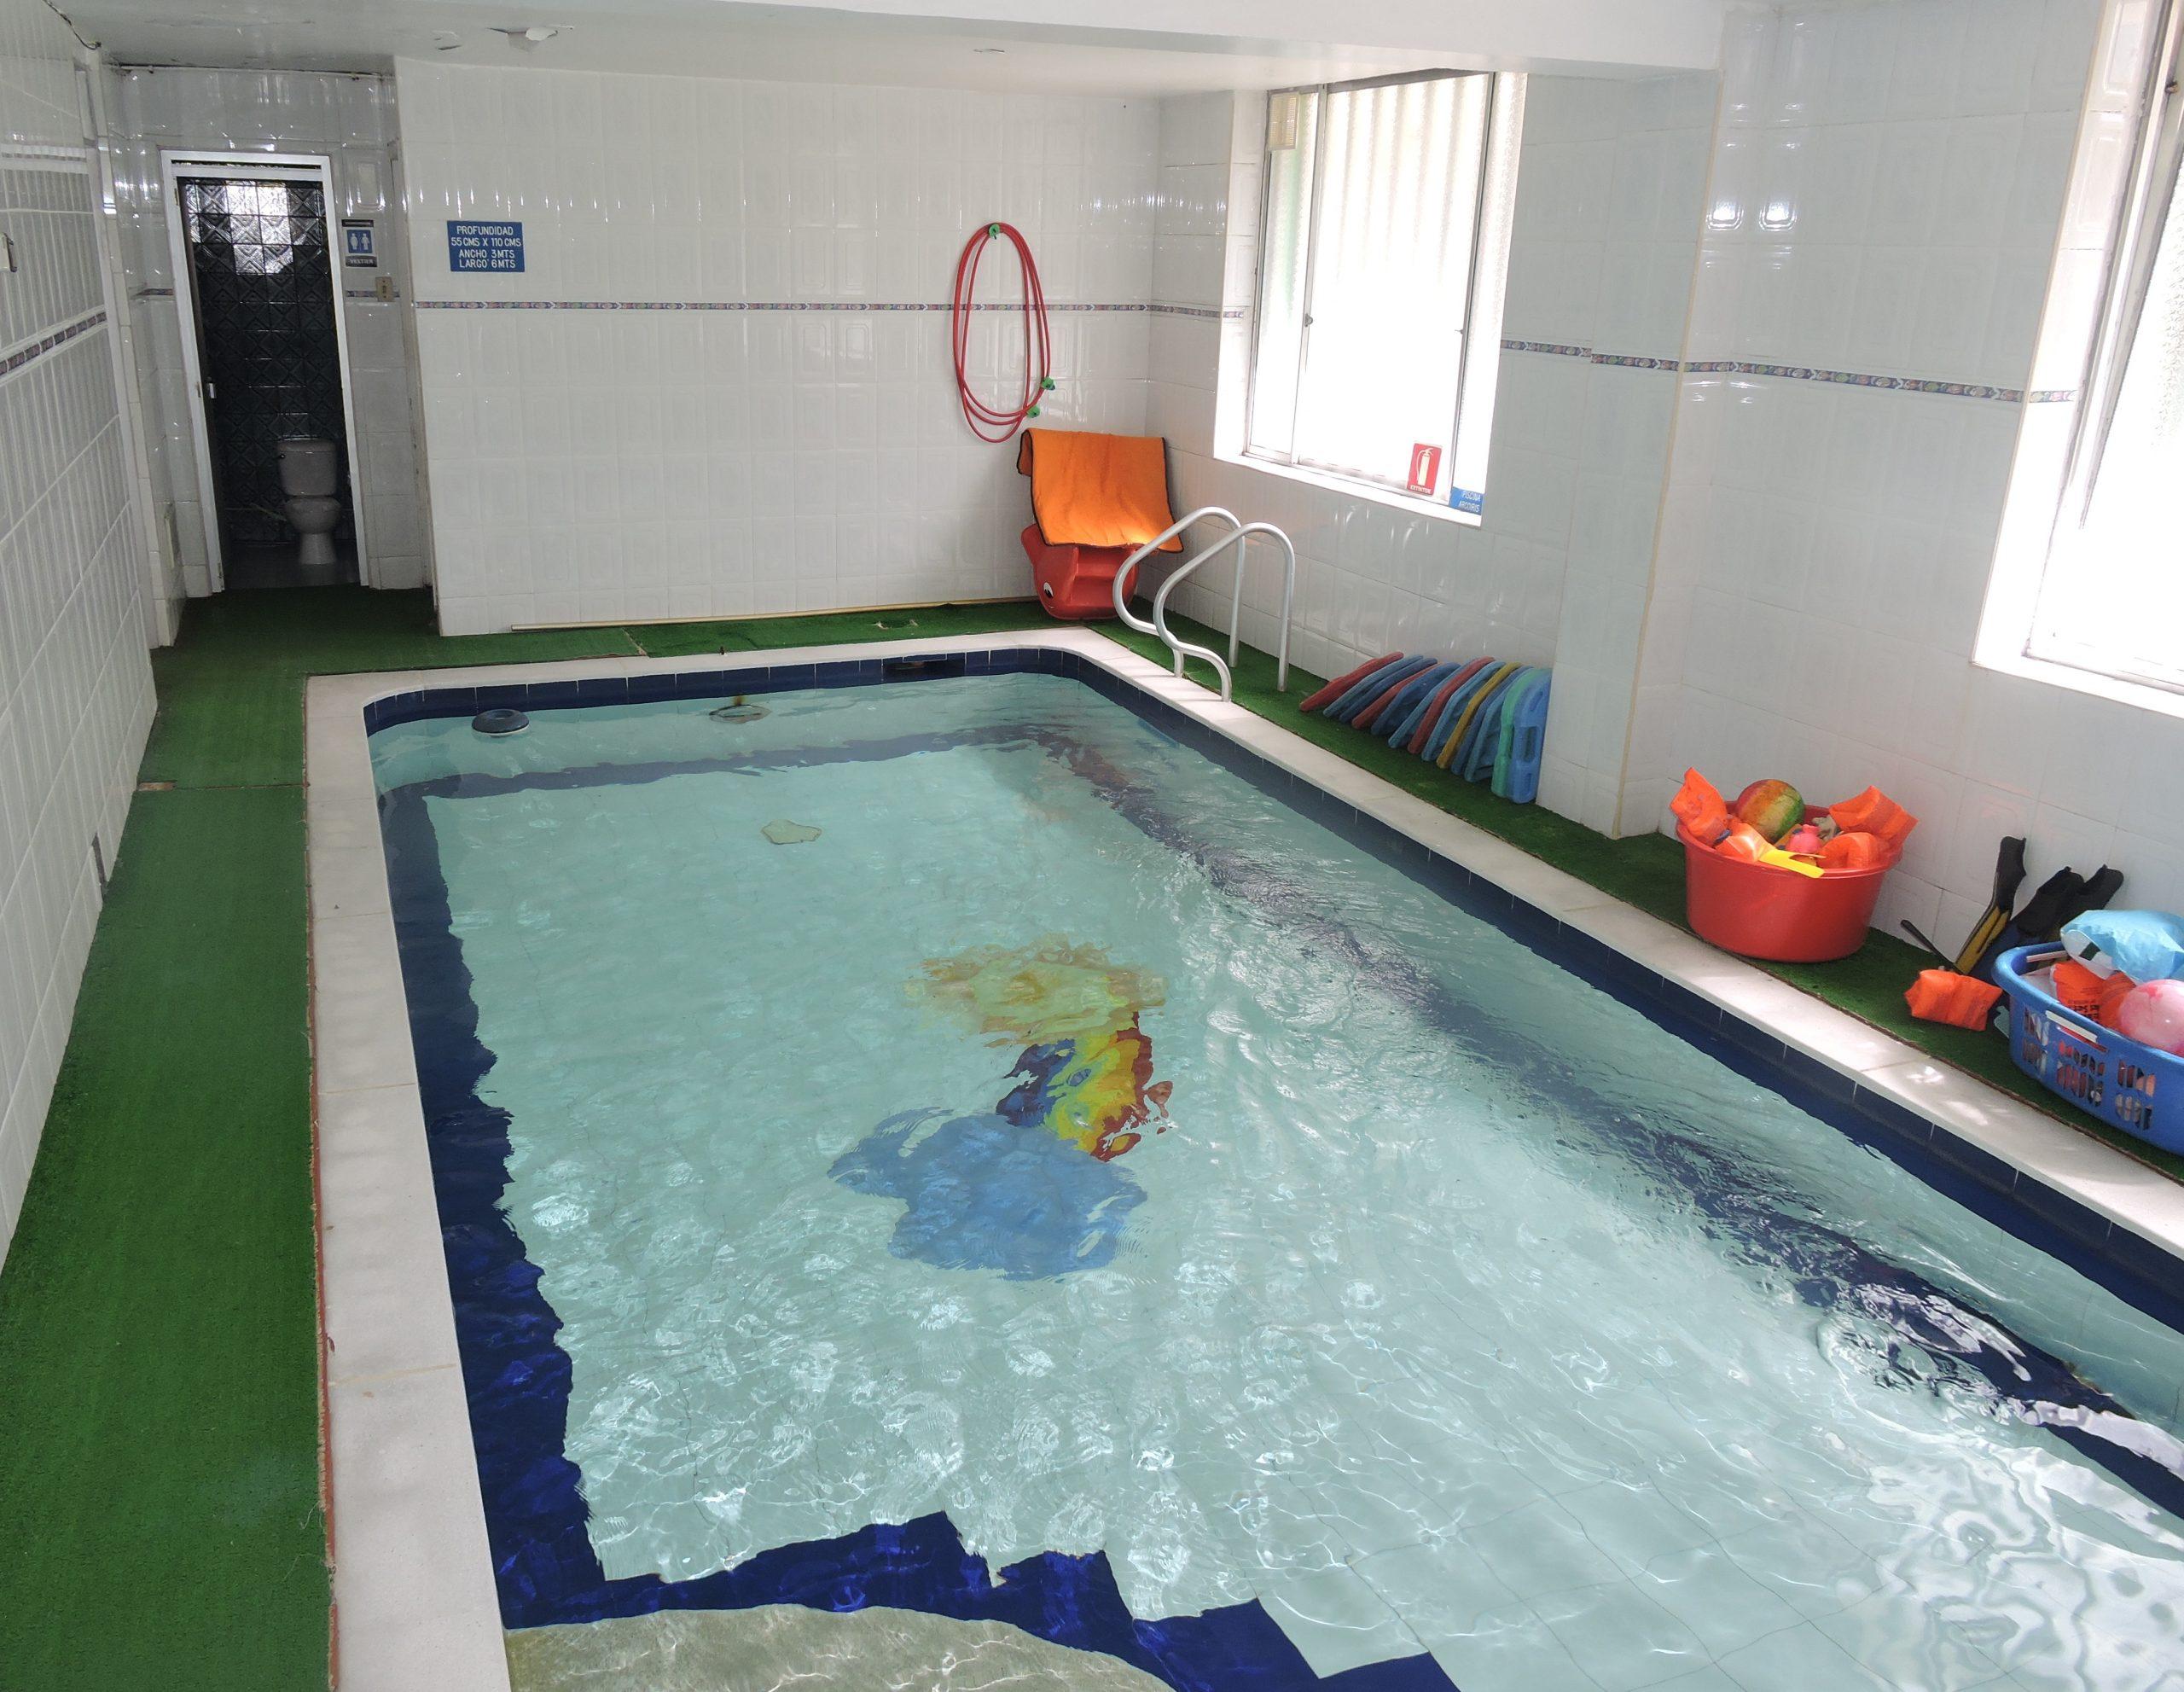 pquienes-somos-infraestructuras-piscina-de-agua